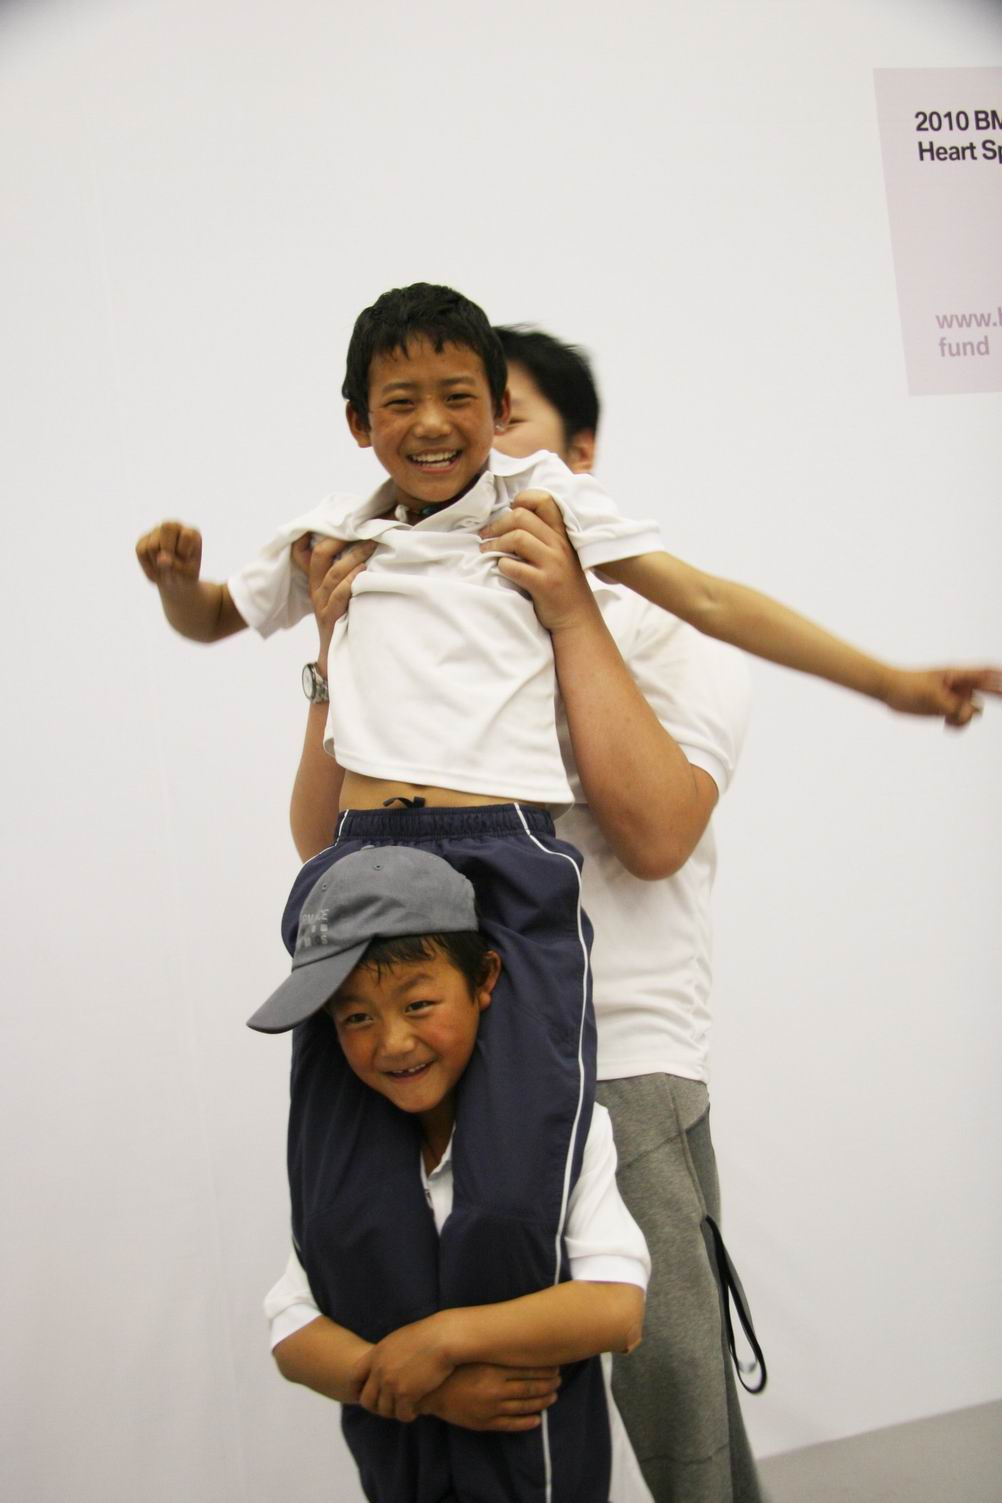 来自玉树灾区的孤儿在游戏中重拾欢笑.JPG